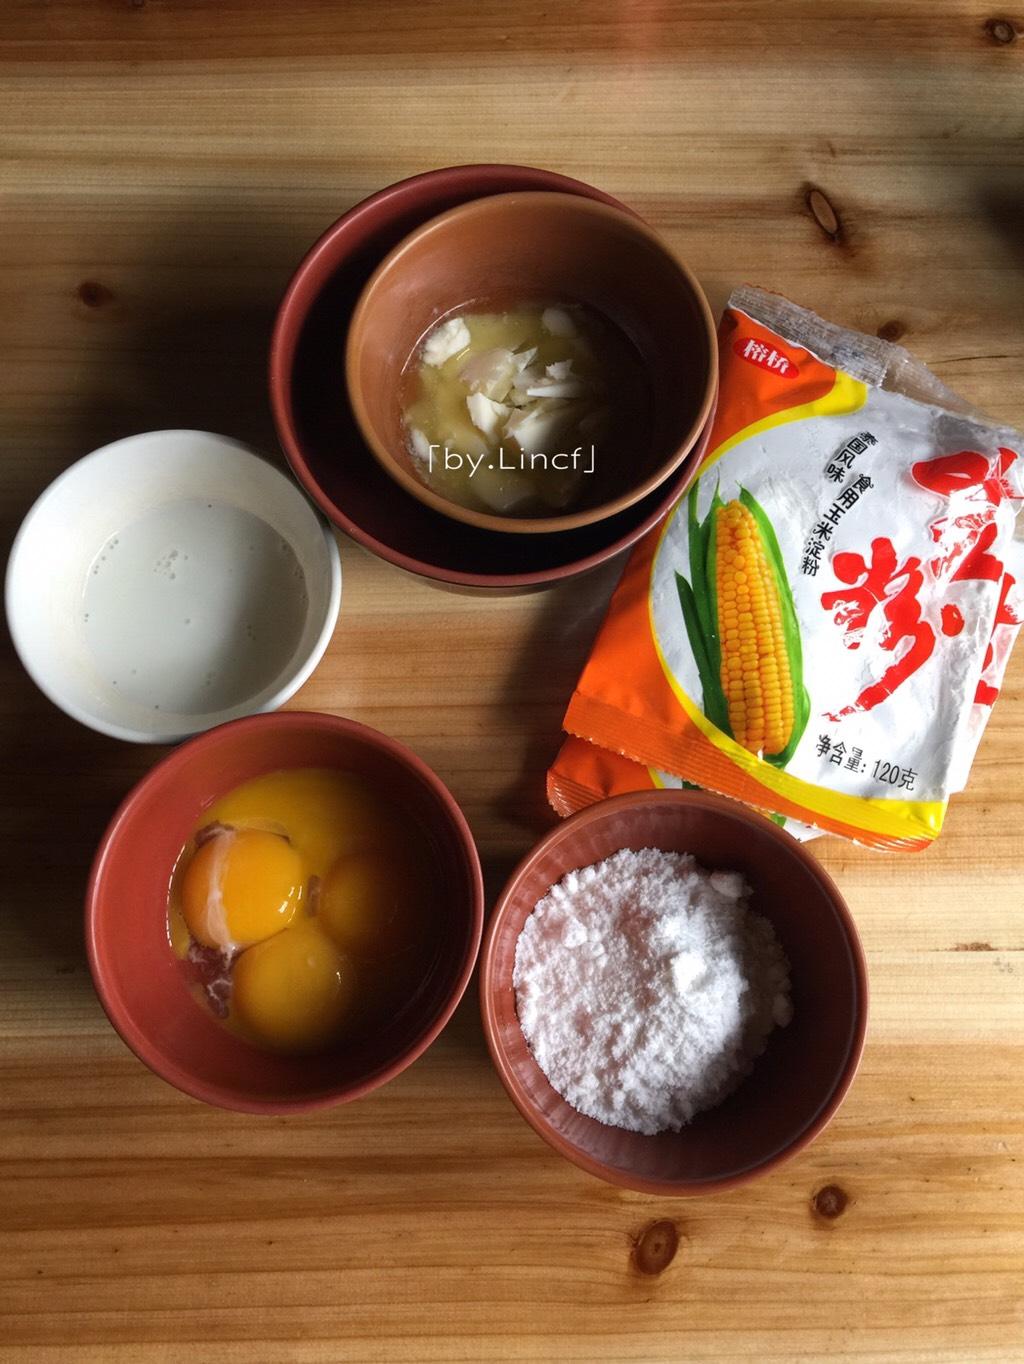 自制旺仔小馒头,准备所需食材:</p> <p>蛋黄60g、细砂糖50g、黄油40g、牛奶30g、玉米淀粉210g